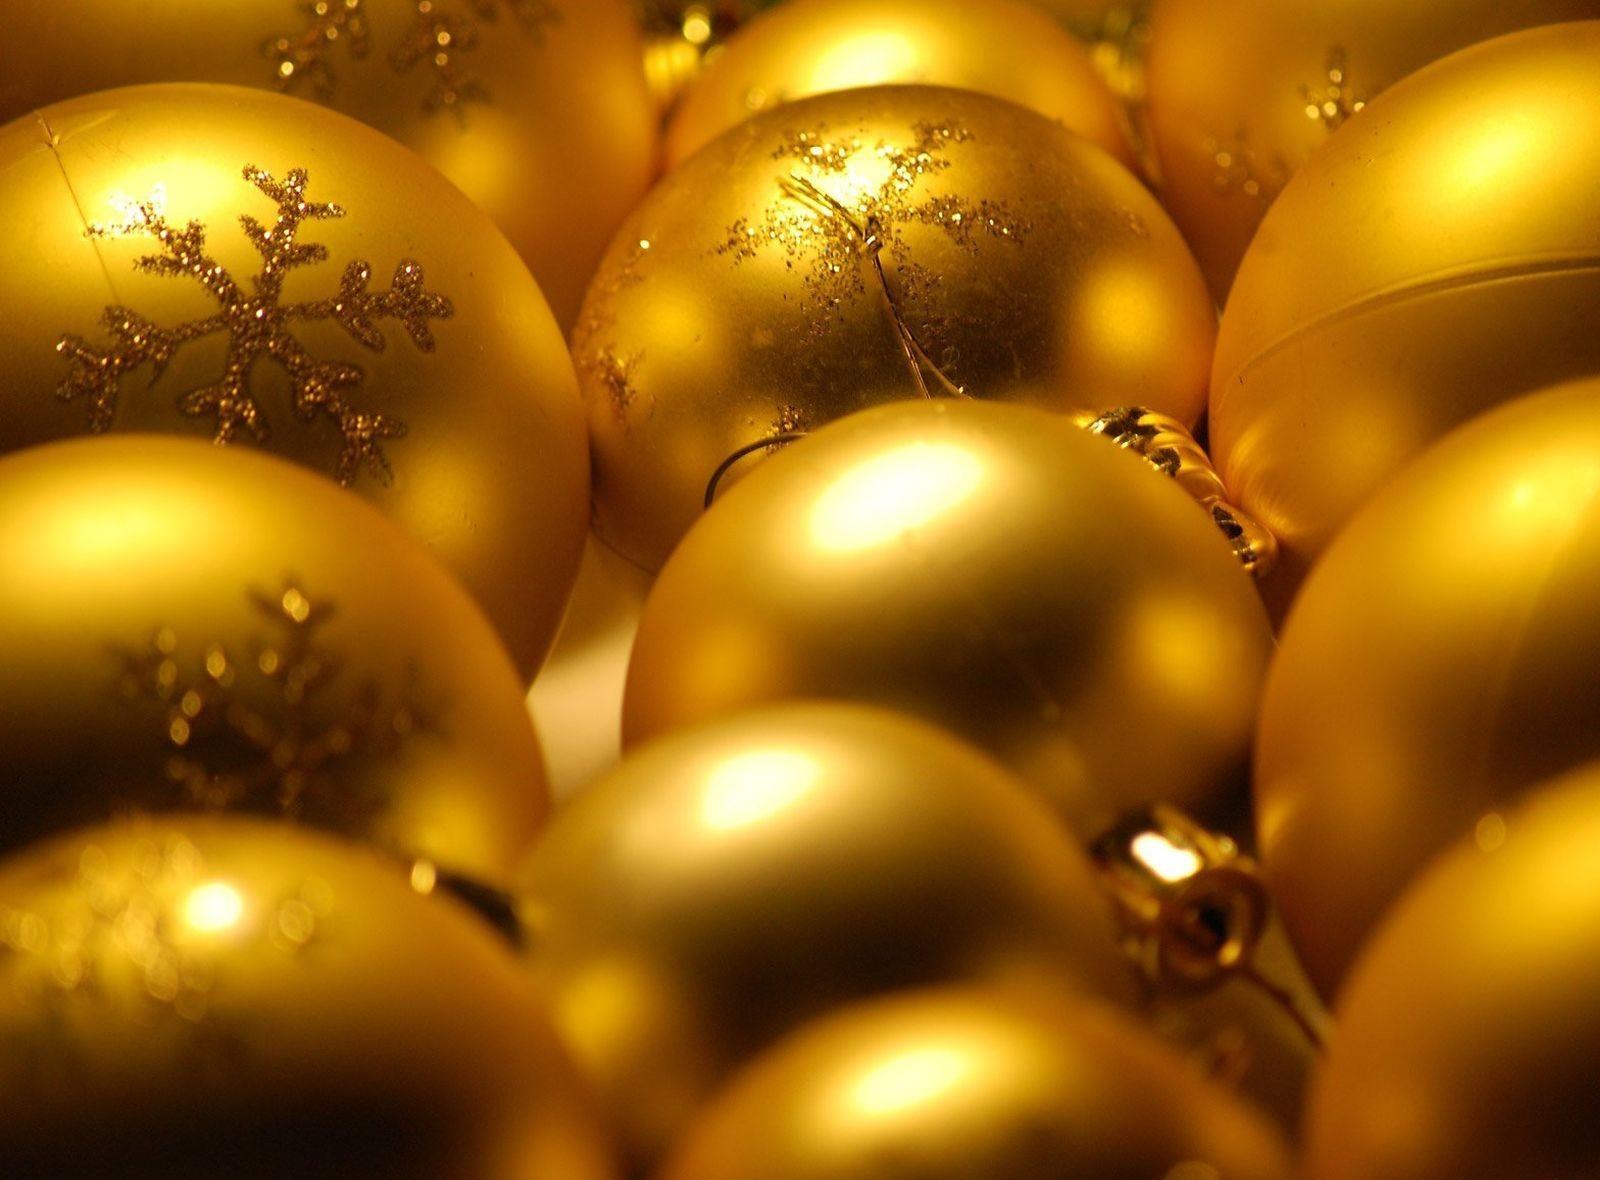 Sfondi Natalizi Oro.Sfondi Decorazioni Natalizie Palloncini Oro Luccichio 1600x1180